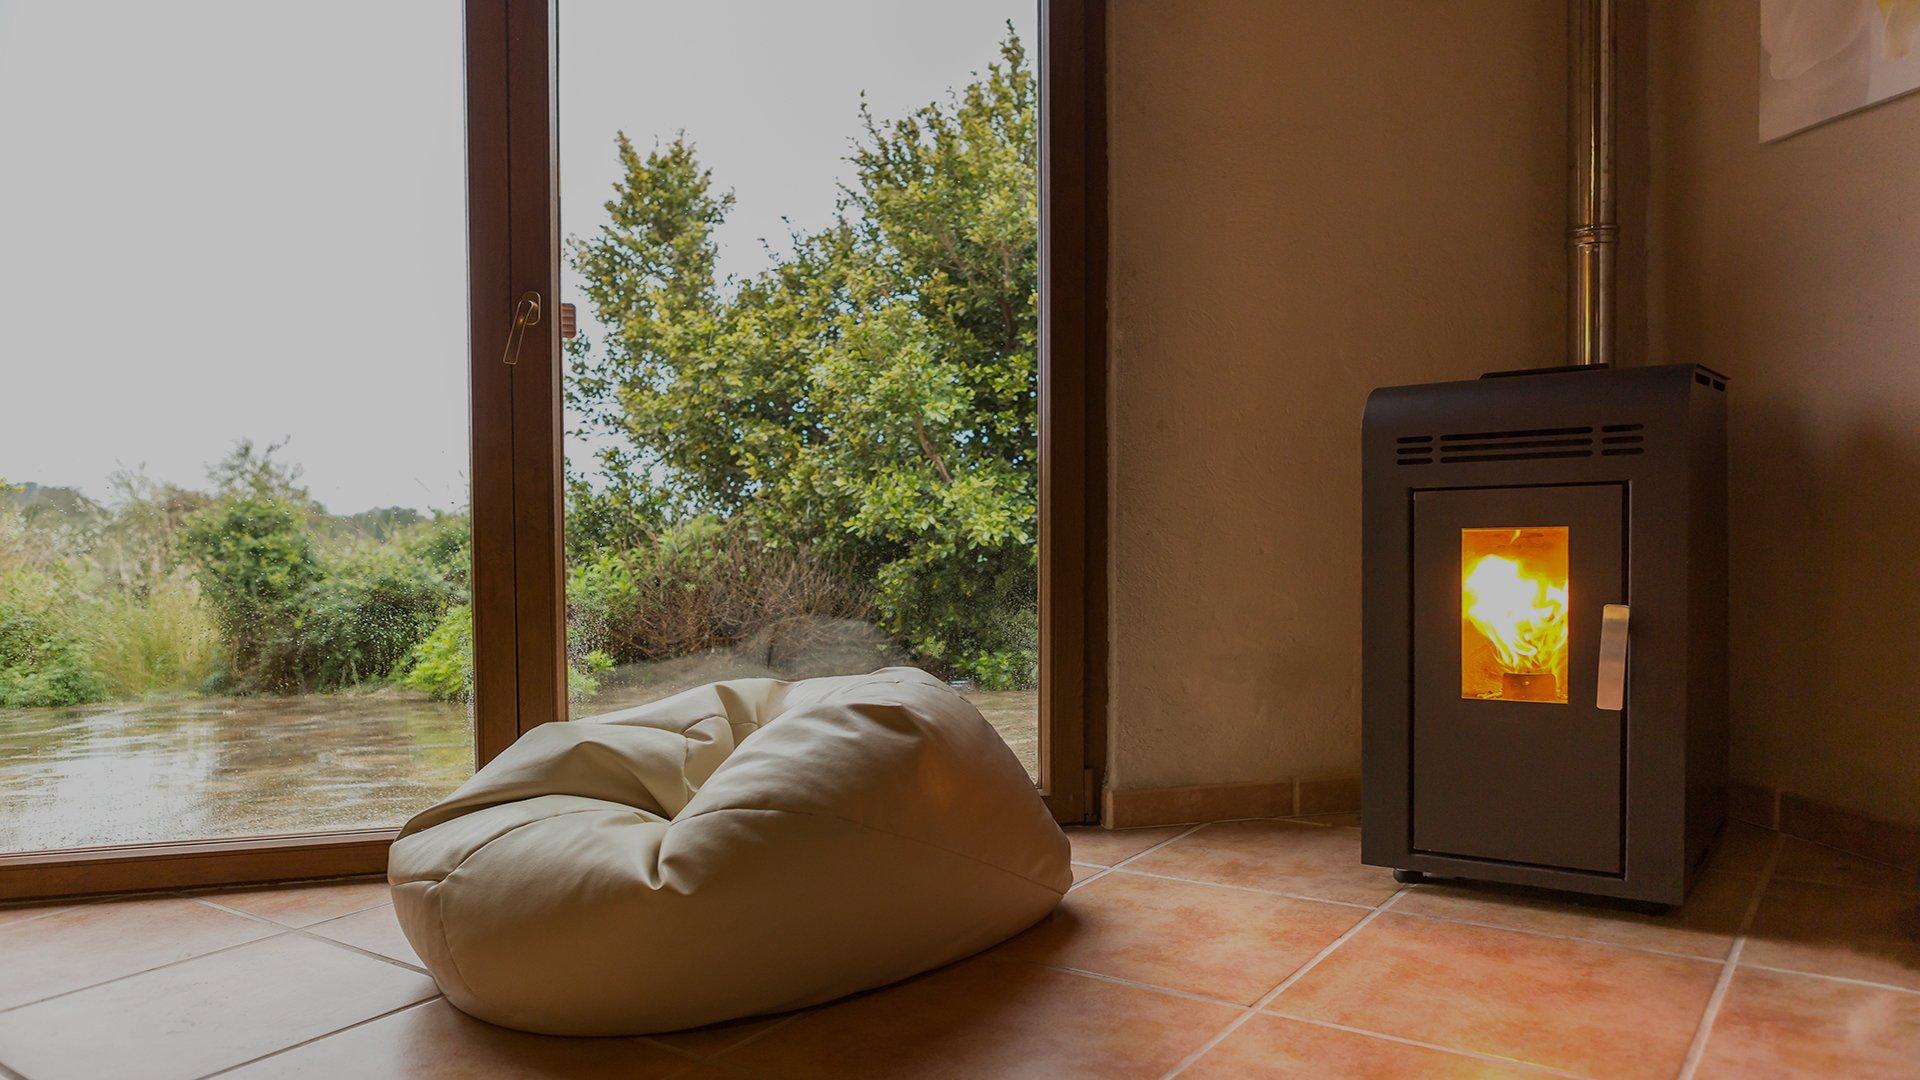 Immagine stufa a pellet montata su abitazione e ambienti da 30 a 60 kw